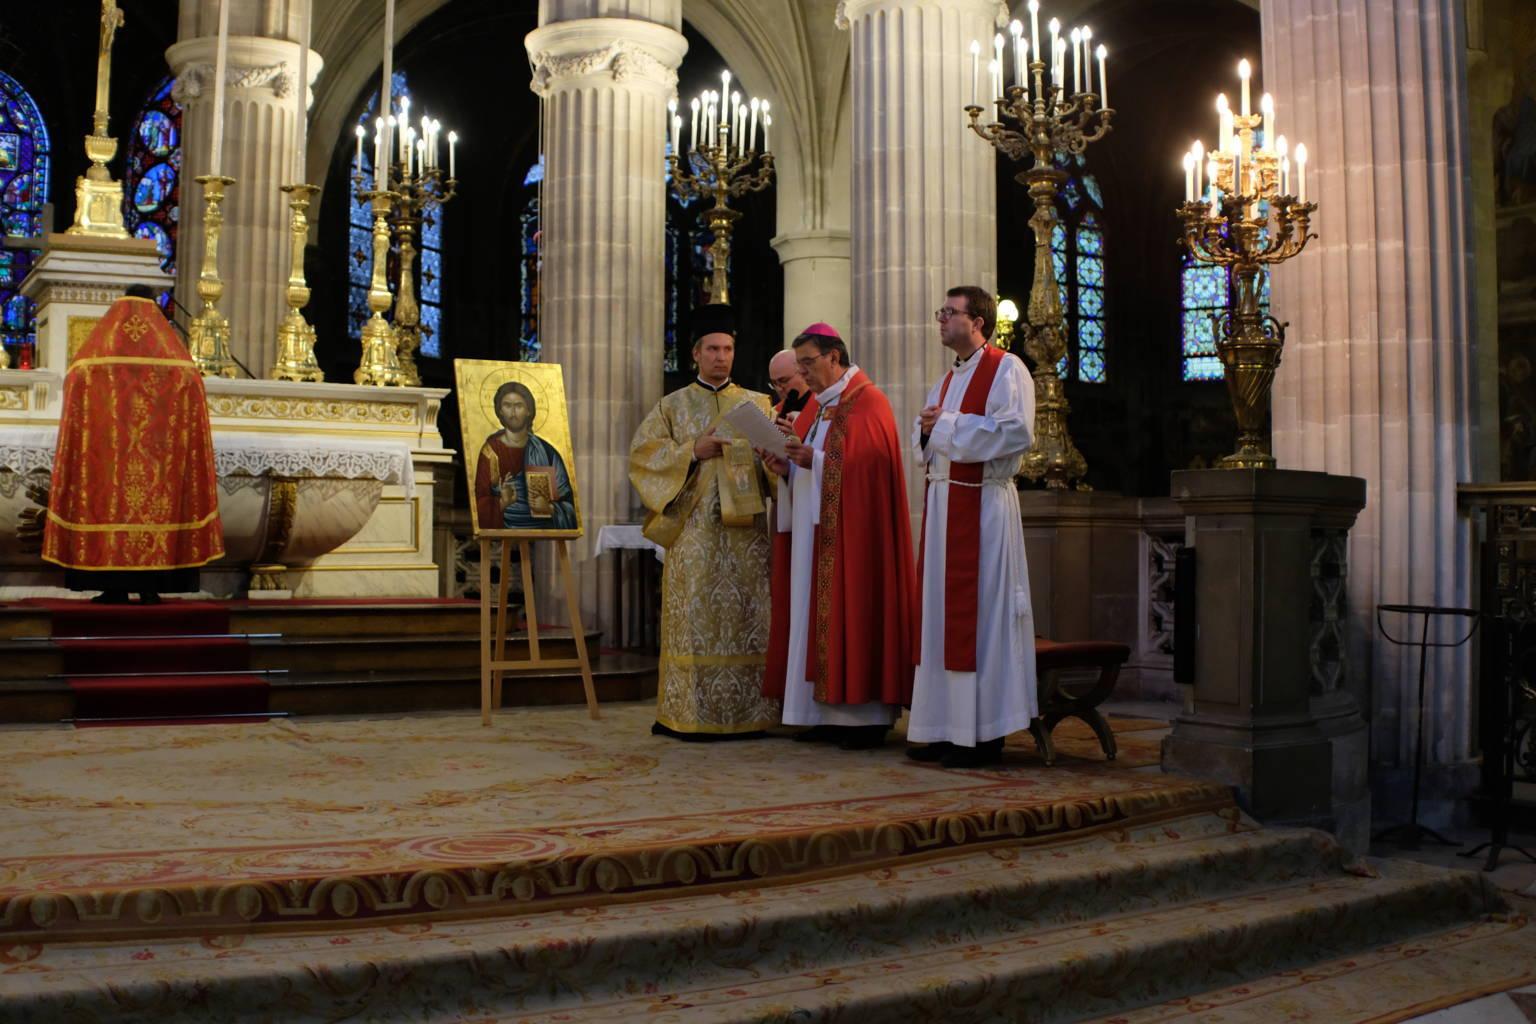 DSCF2009 - Παρίσι: Ορθόδοξος Εσπερινός στον Άγιο Γερμανό Λούβρου